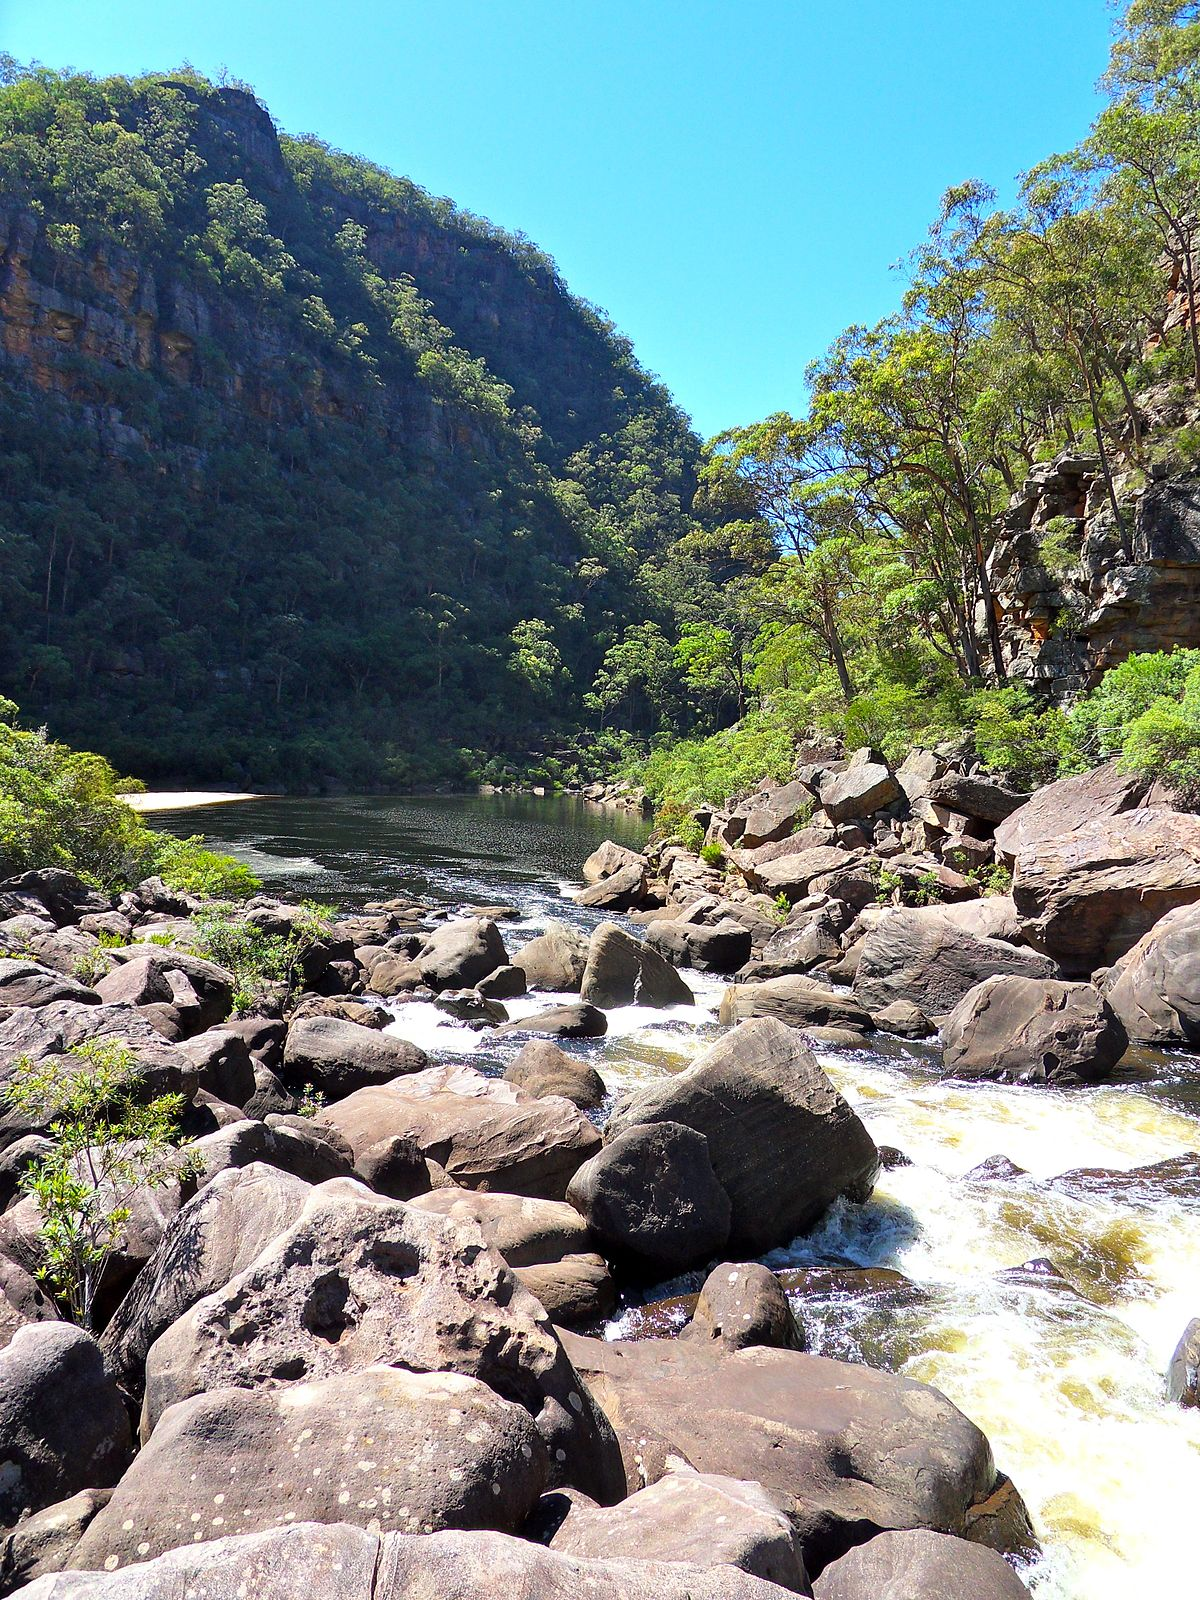 Colo River Wikipedia - Colo river map